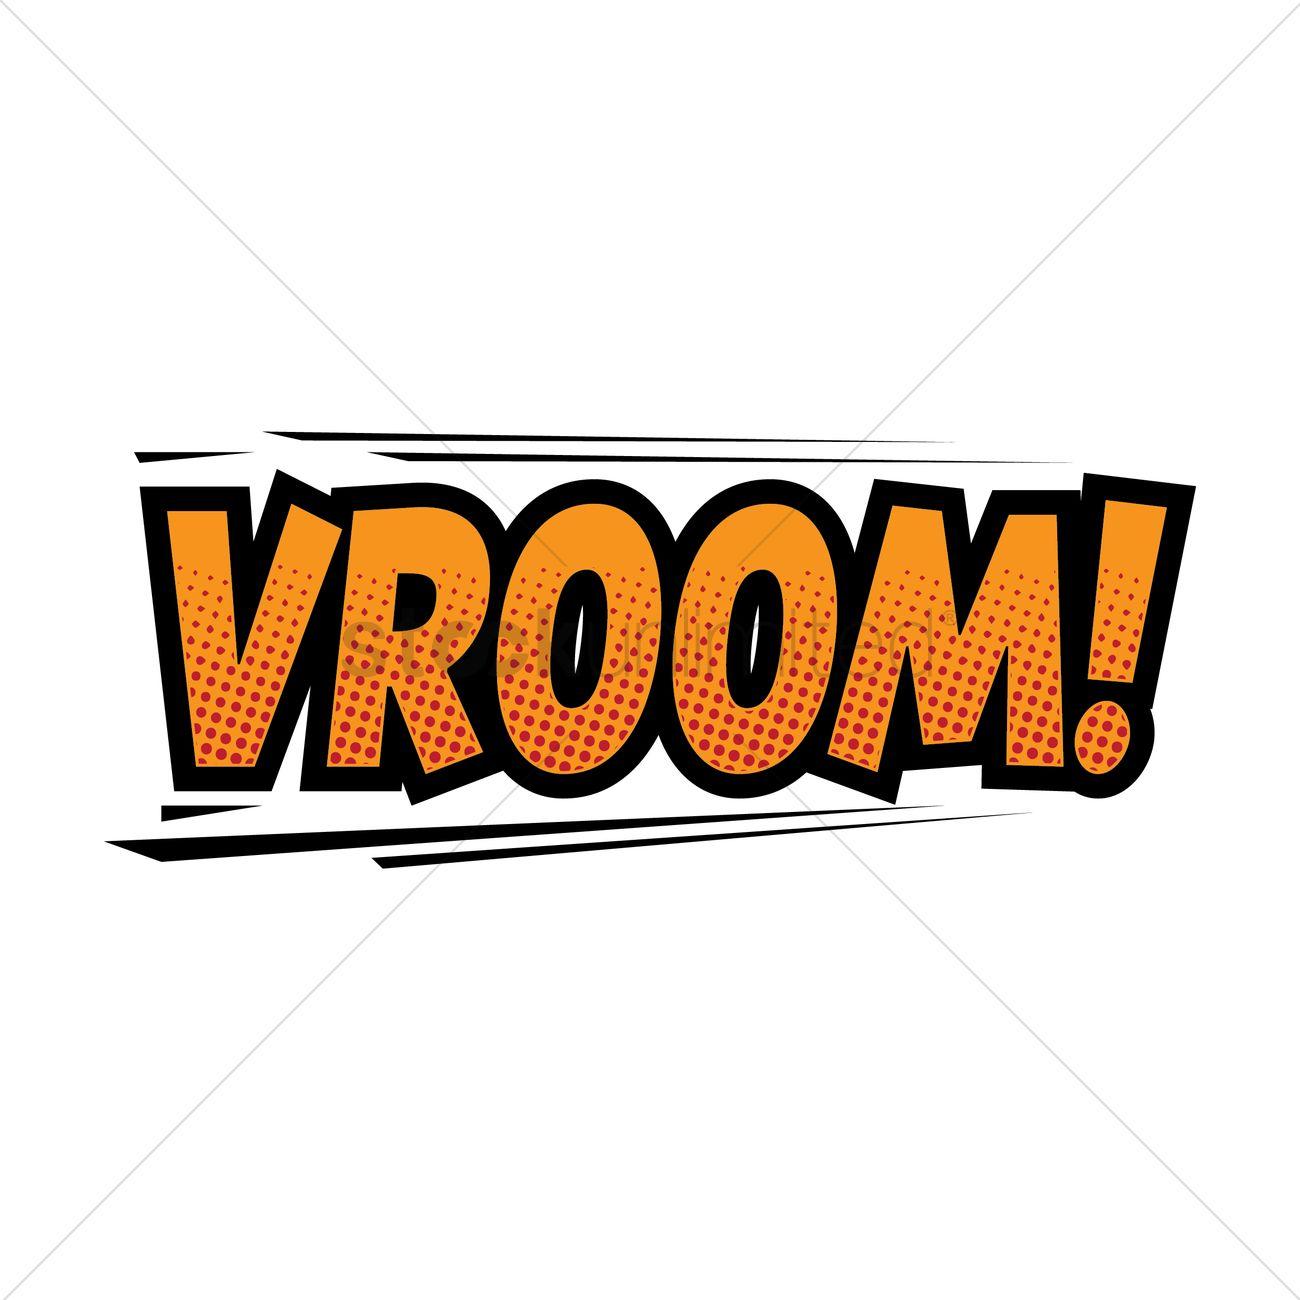 Vroom Vroom PNG Transparent Vroom Vroom.PNG Images..